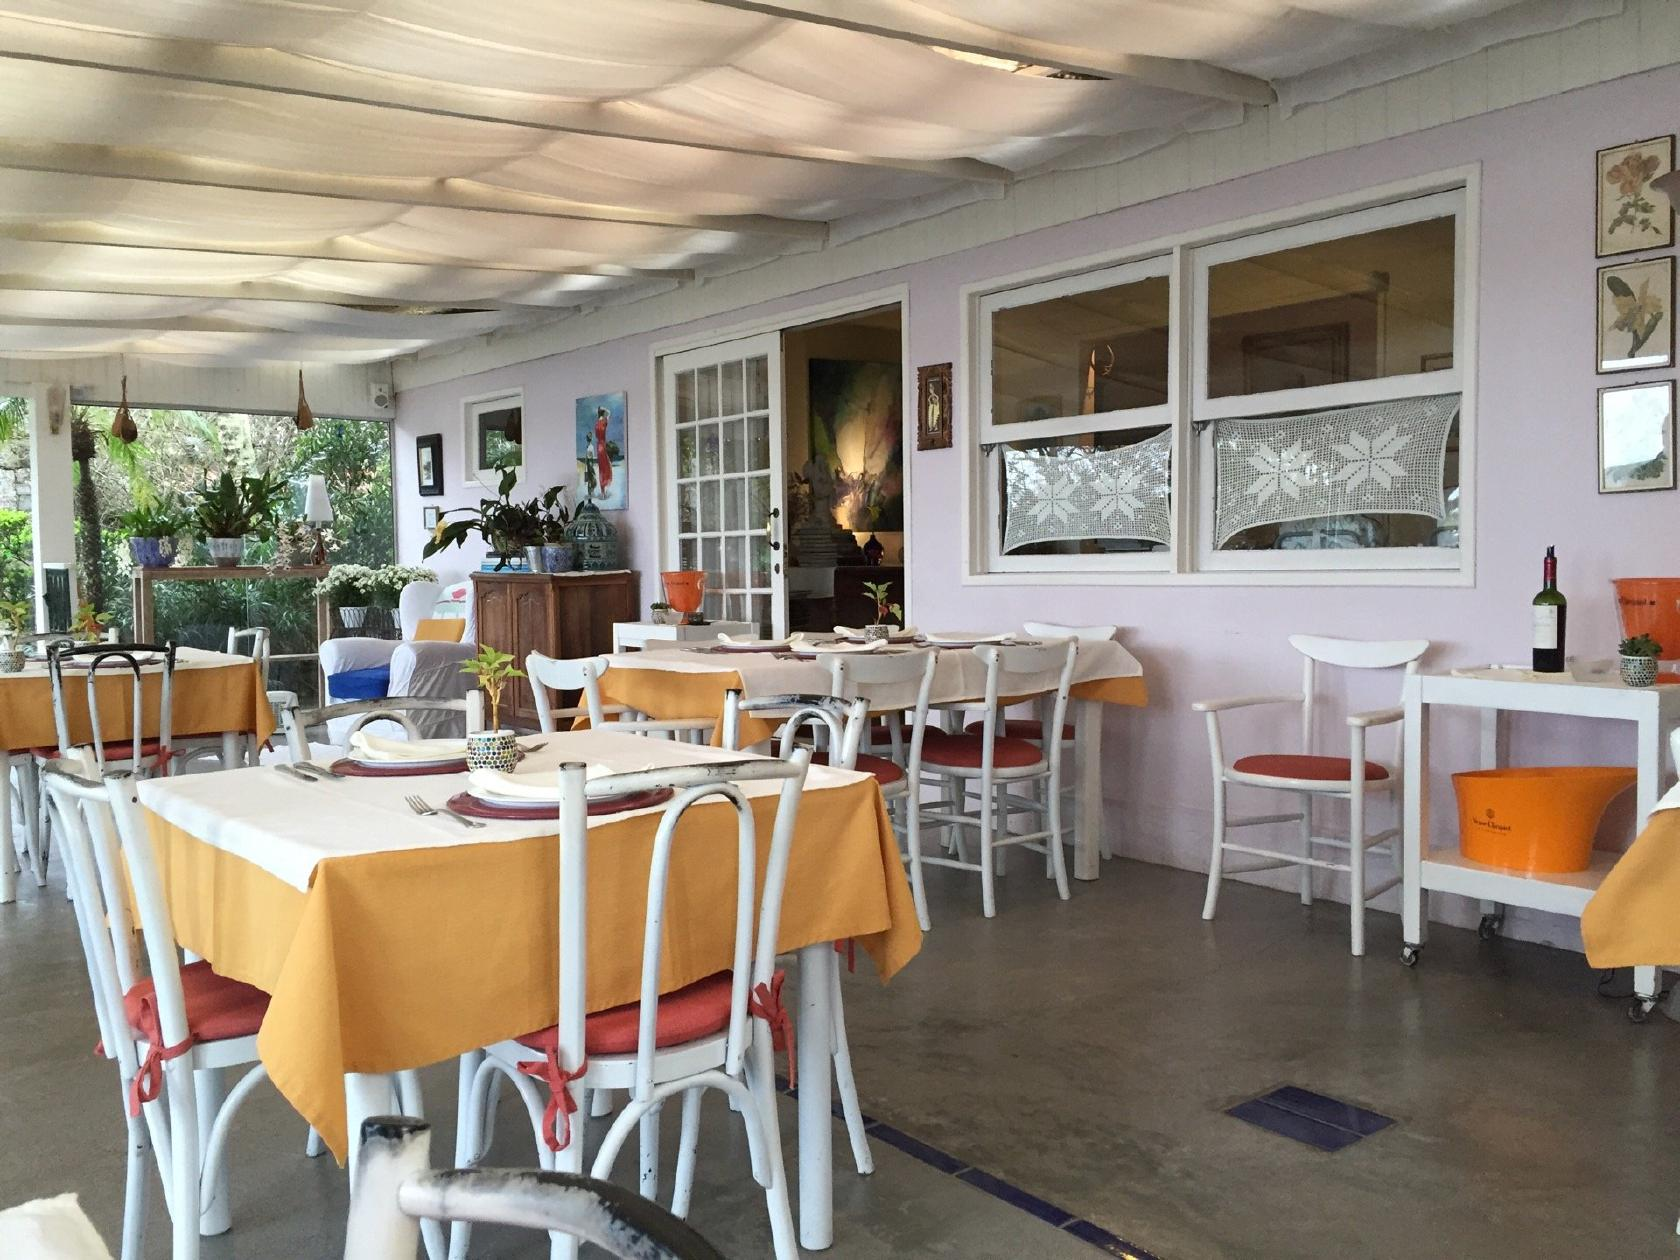 Villa Maggioni restaurante, Florianópolis, Rua Canto da Amizade -  Avaliações de restaurantes